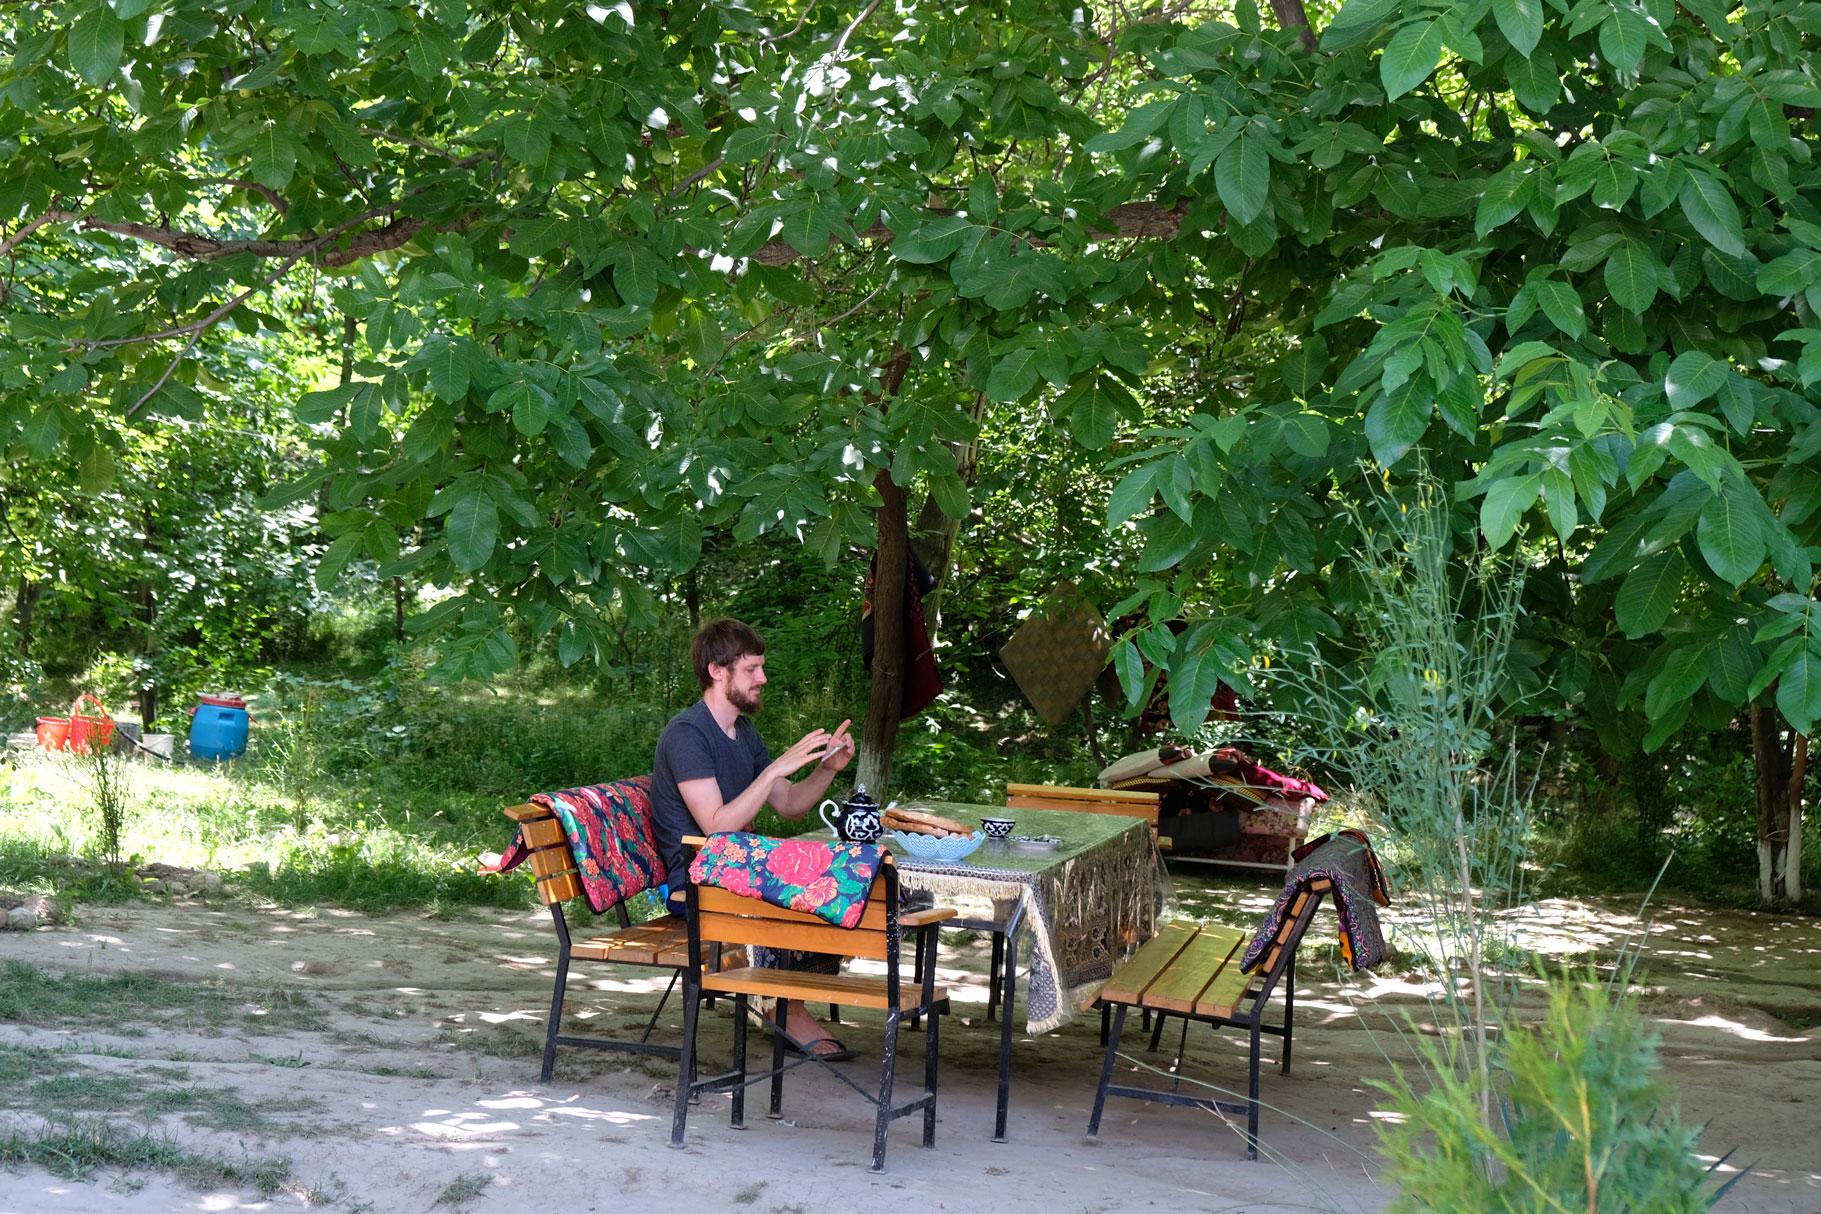 Trotzdem bleibt noch genügend Zeit zum Entspannen im schönen Garten